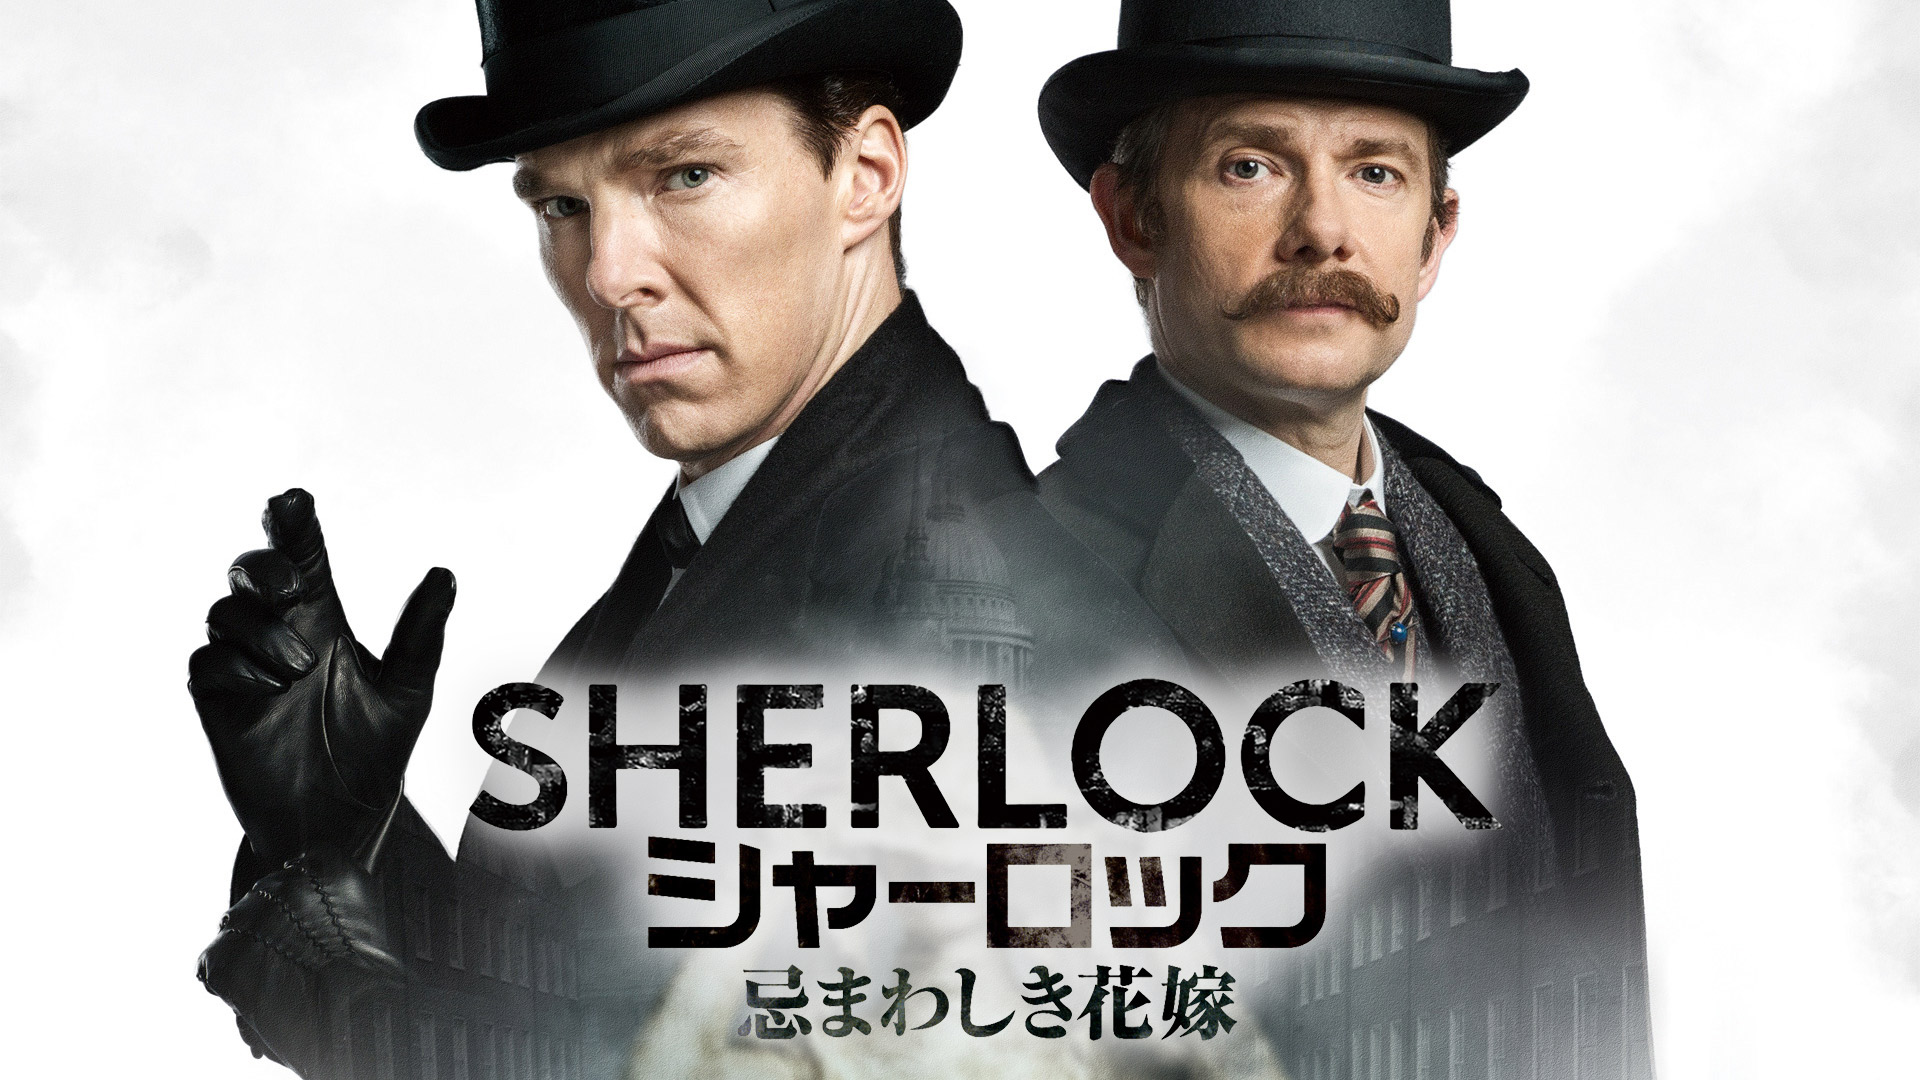 SHERLOCK/シャーロック 忌まわしき花嫁(吹替版)